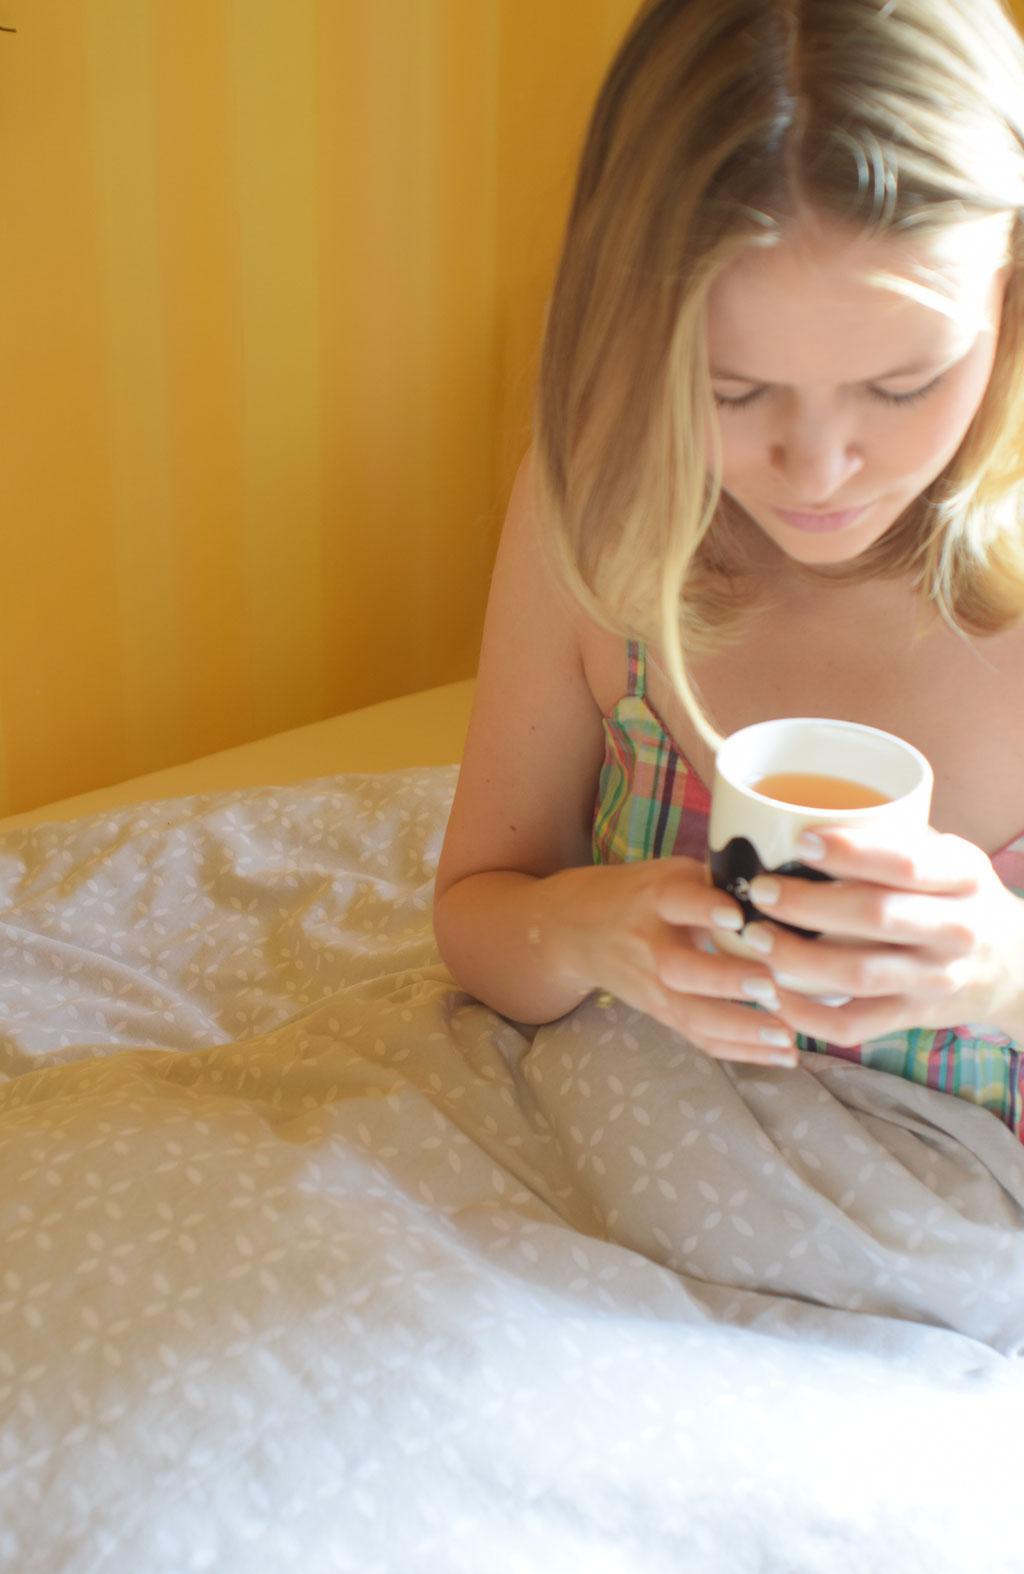 Gemütlich in den Tag starten mit Tee im Bett.